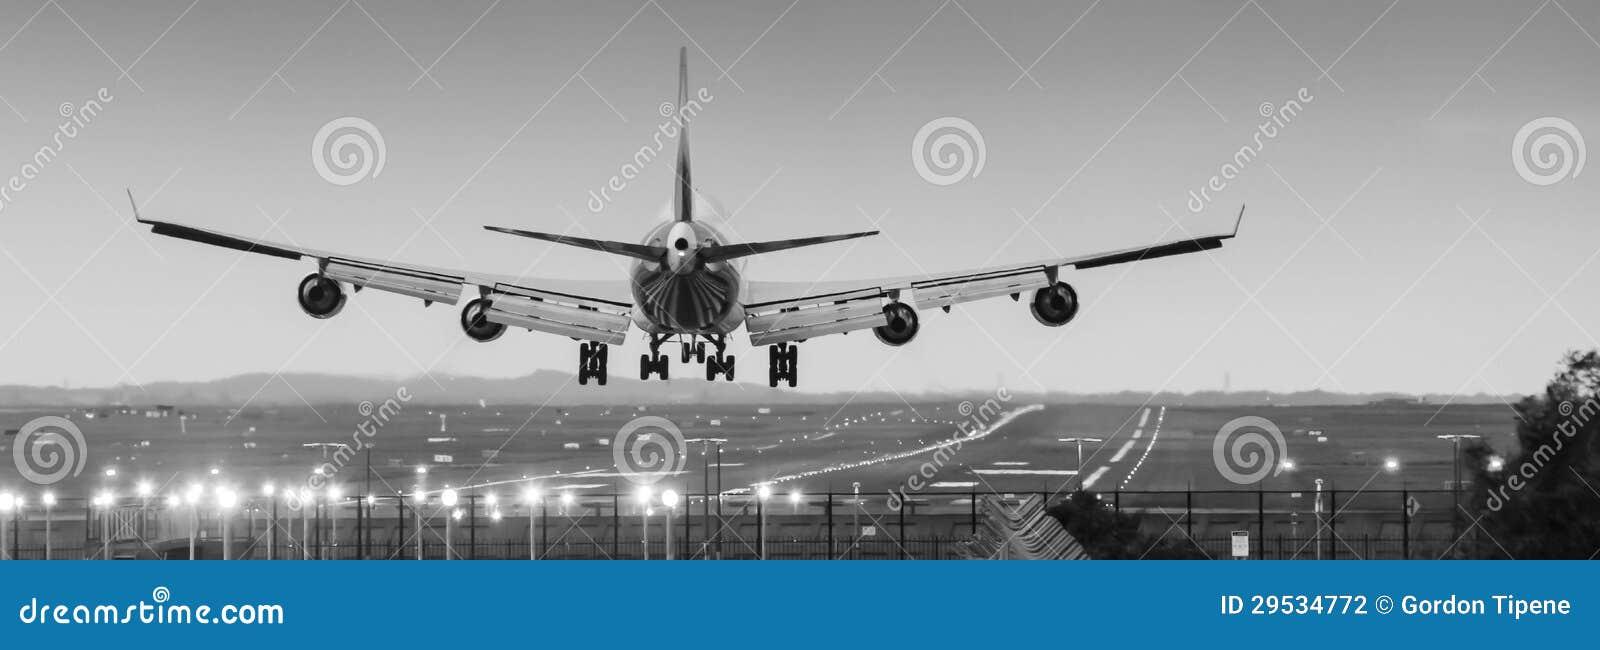 Enorme - aterragem do avião de passageiros do jato na pista de decolagem